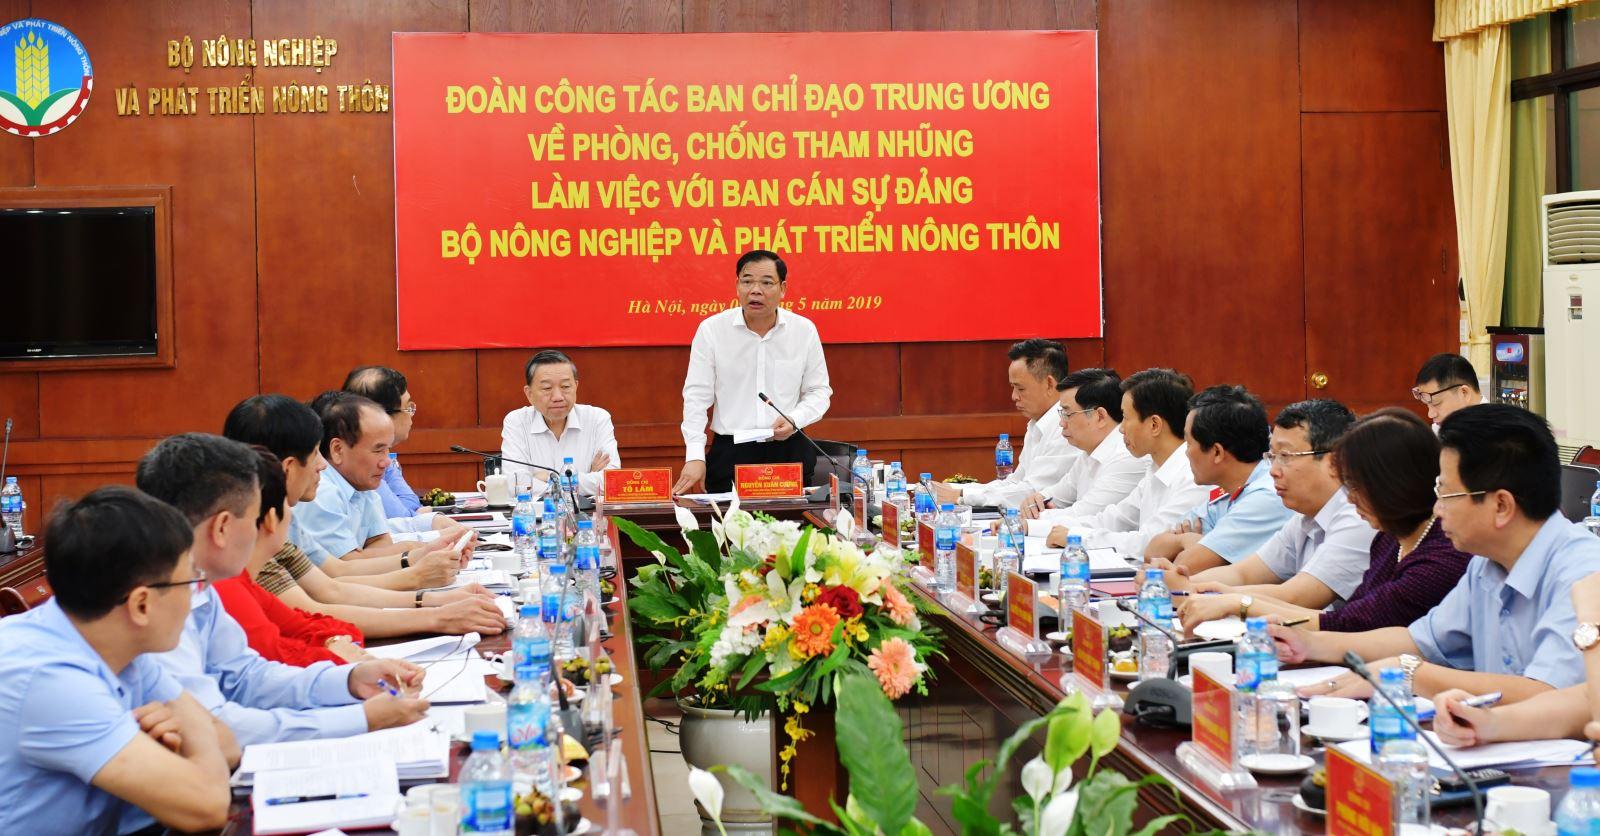 Cơ cấu tổ chức của Thanh tra Bộ Nông nghiệp và Phát triển nông thôn